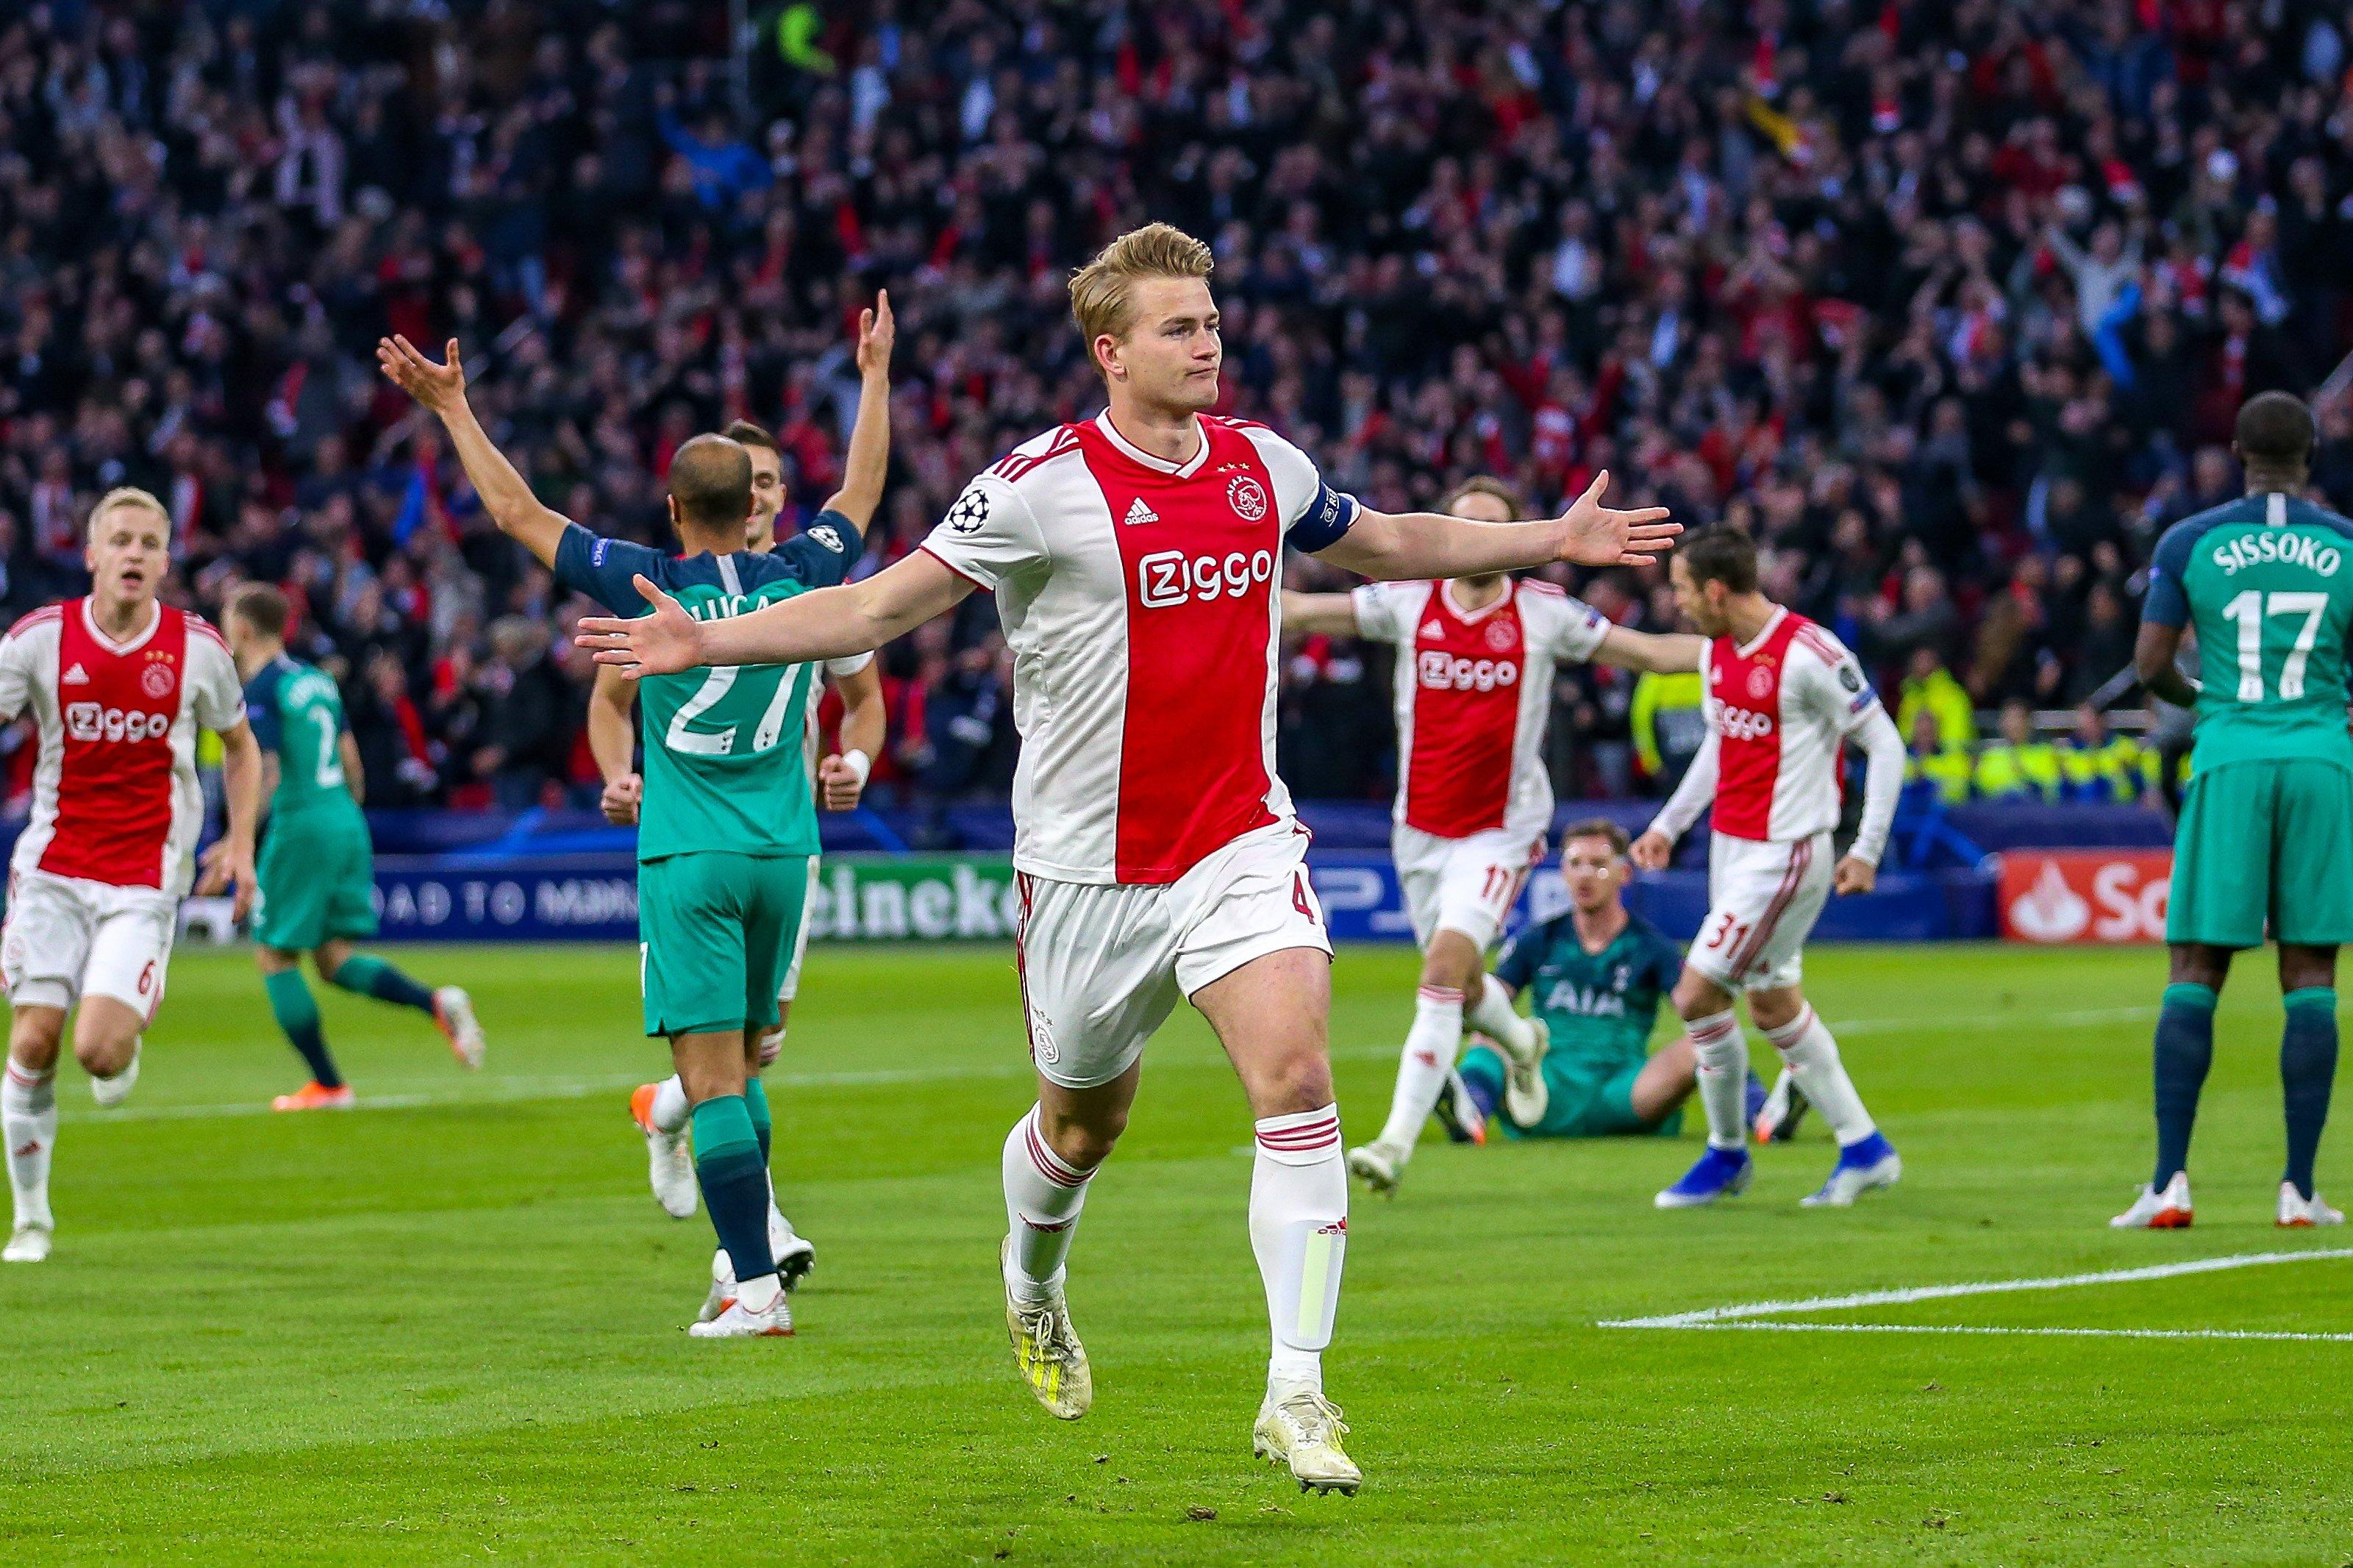 De Ligt Ajax Tottenham Europapress